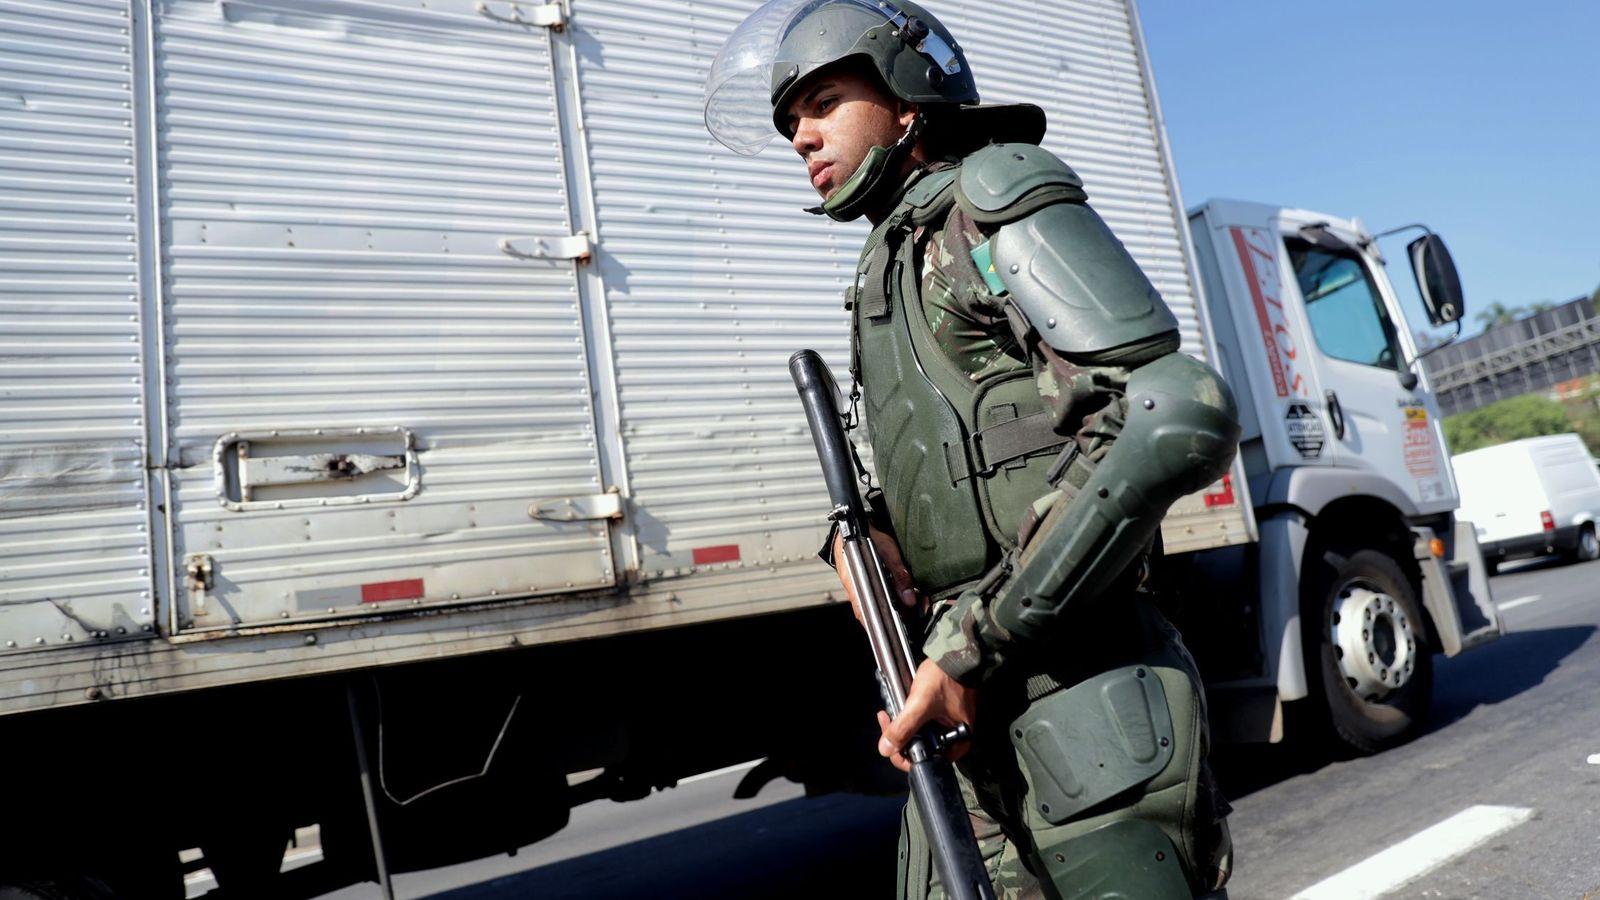 Foto: El Ejército brasileño escolta a varios camioneros que quieren retornar a sus labores, a unos 30 kilómetros de Sao Paulo. (EFE)